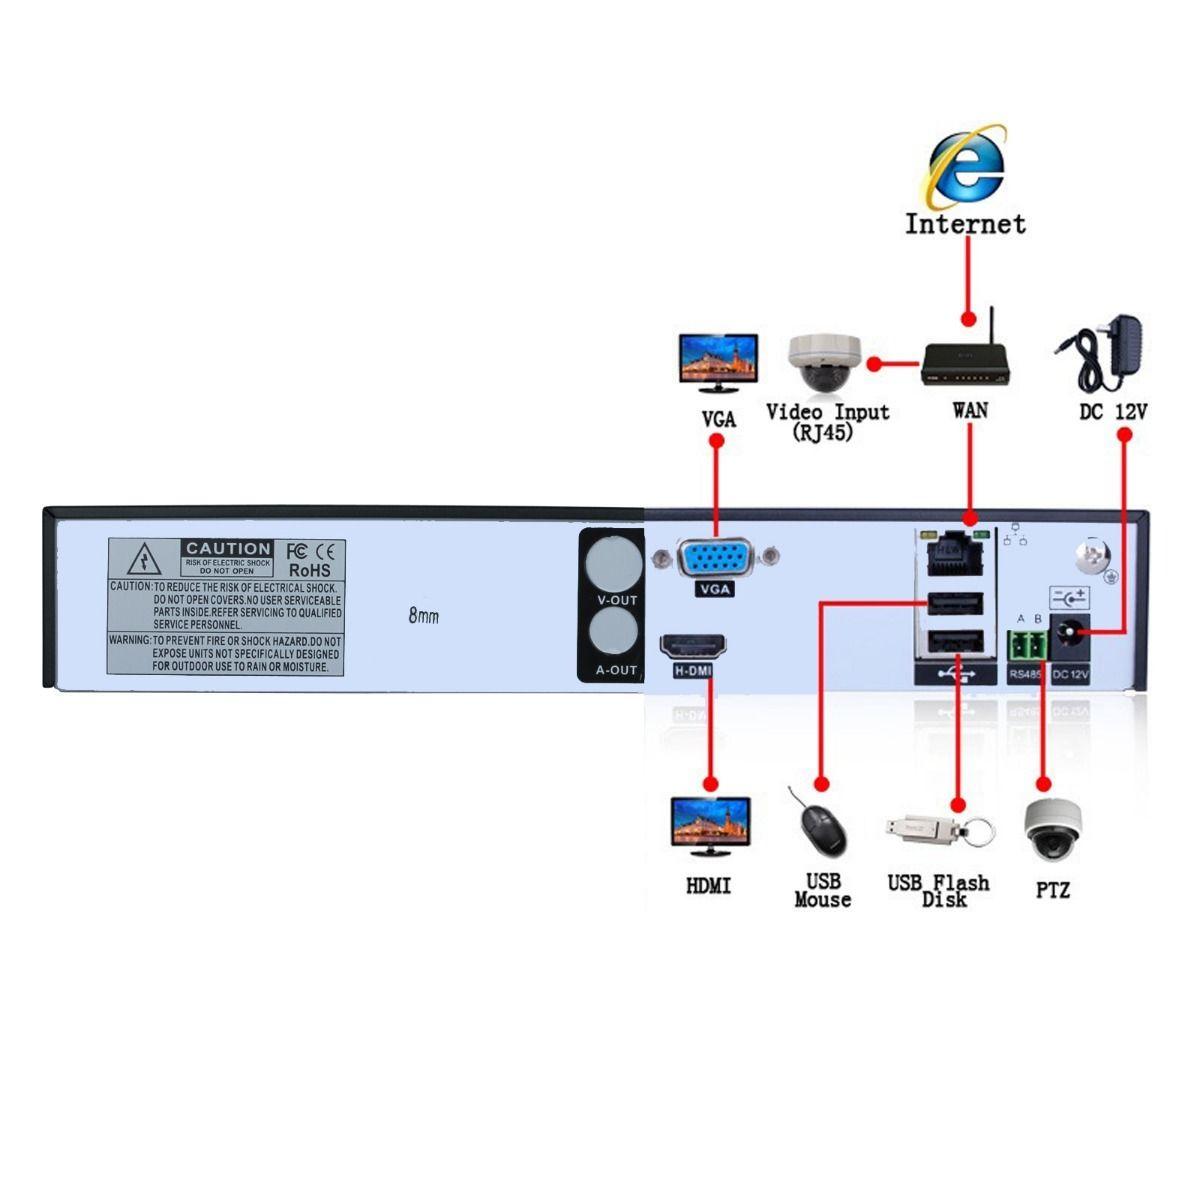 cat cctv wiring diagram cat image wiring diagram wiring diagram cat5 cctv images rj11 cat5 wiring [ 1200 x 1200 Pixel ]